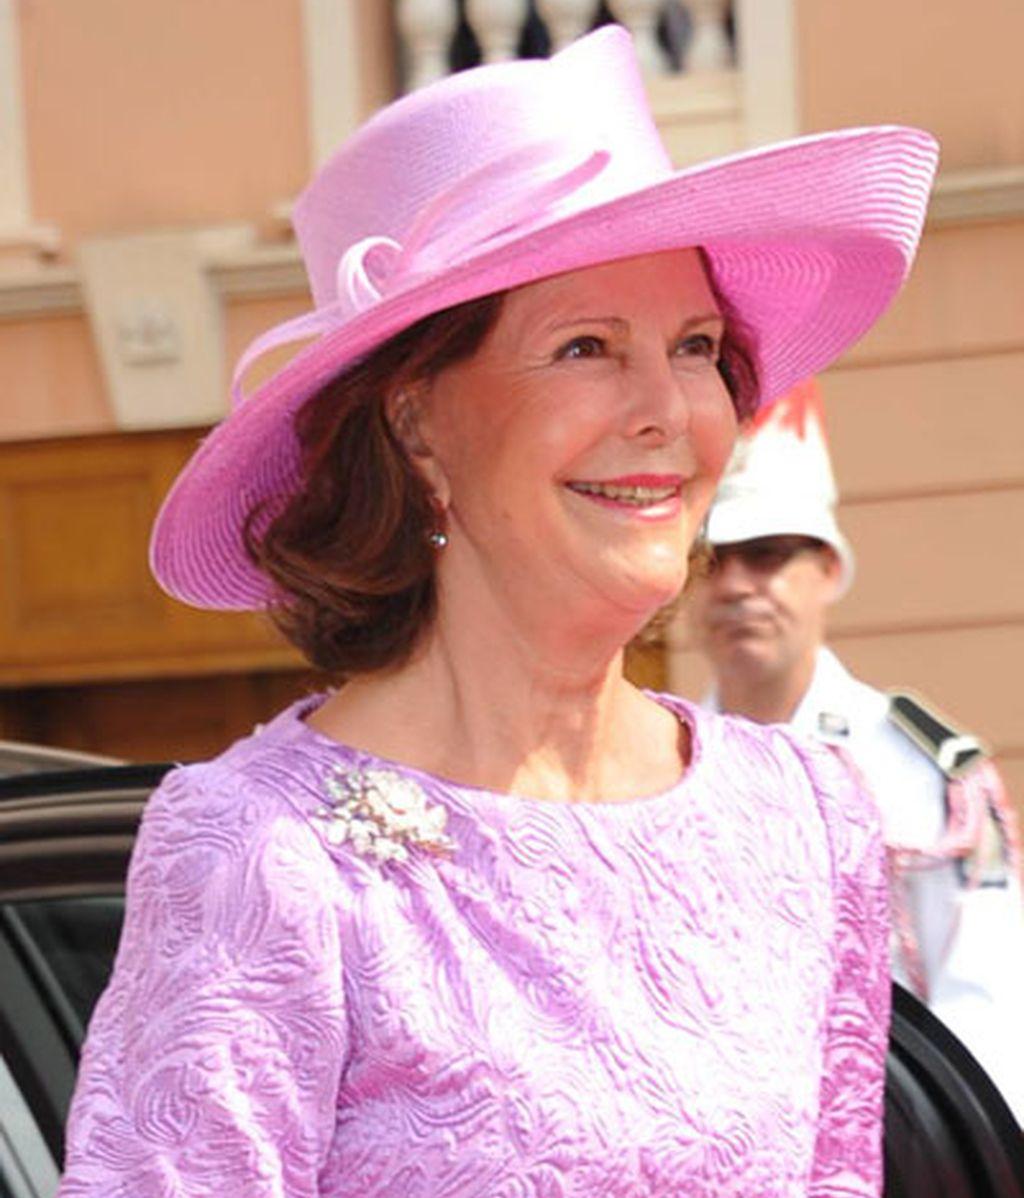 La reina Silvia de Suecia, con sombrero rosa